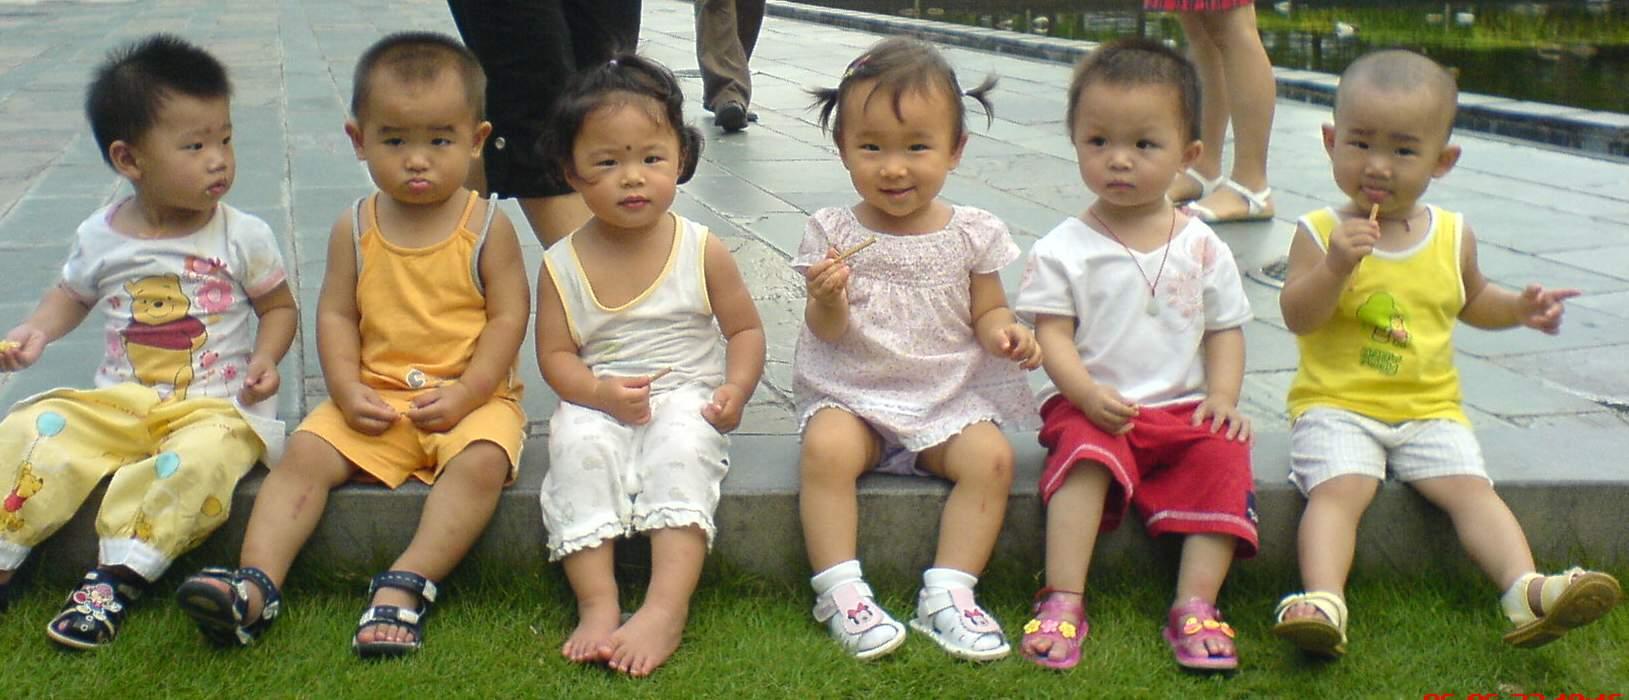 一群可爱的宝宝